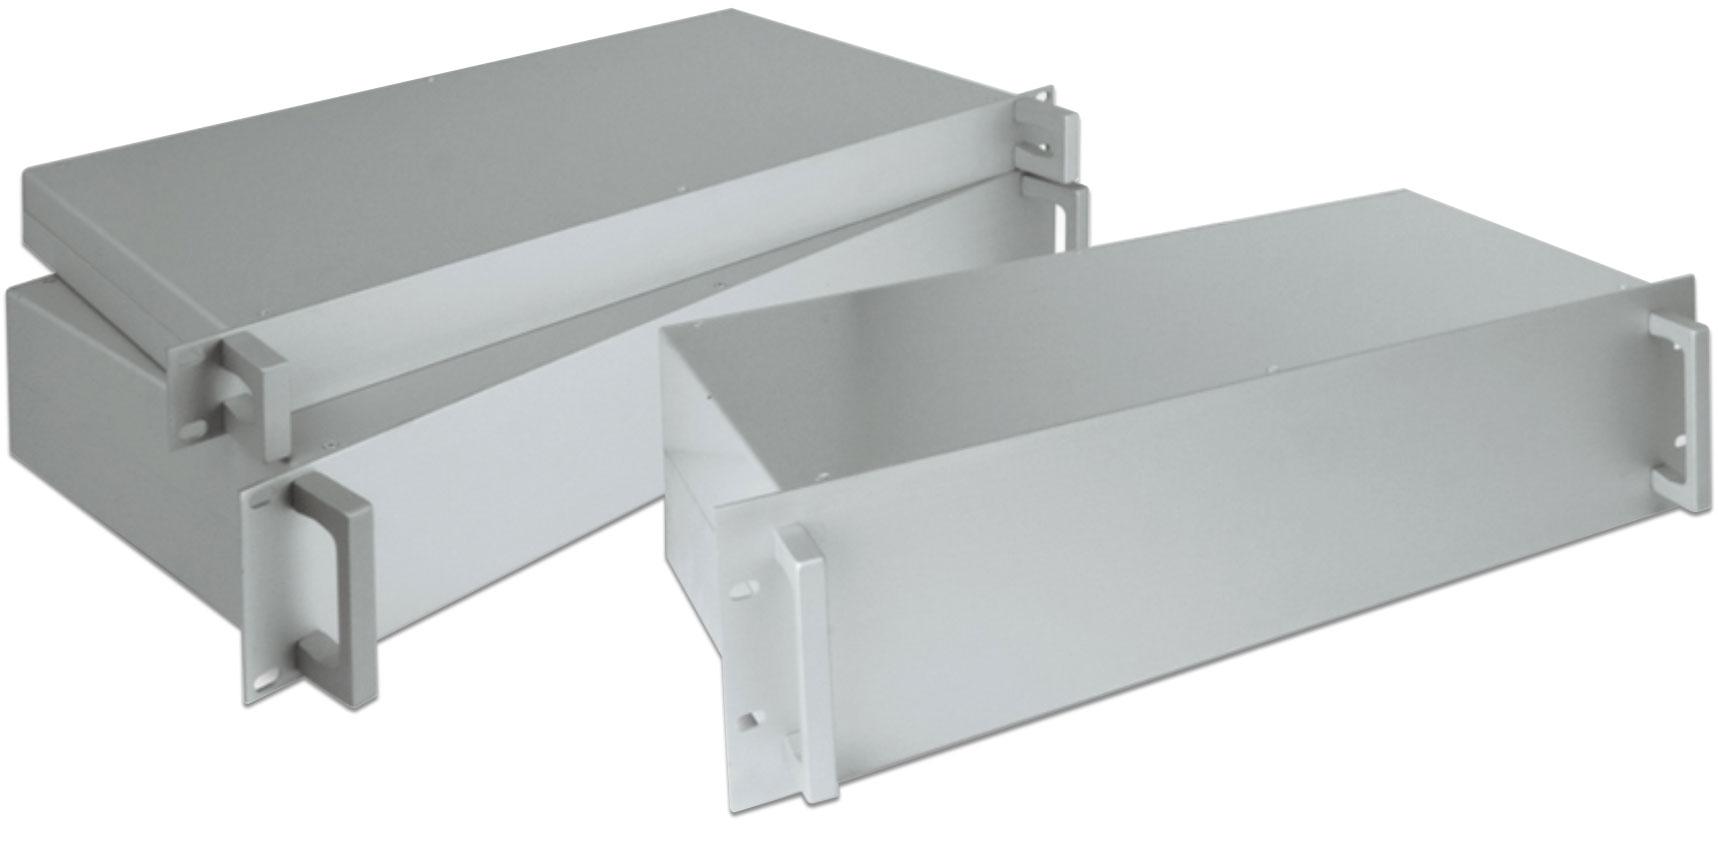 cassetti in alluminio per rack 19 pollici